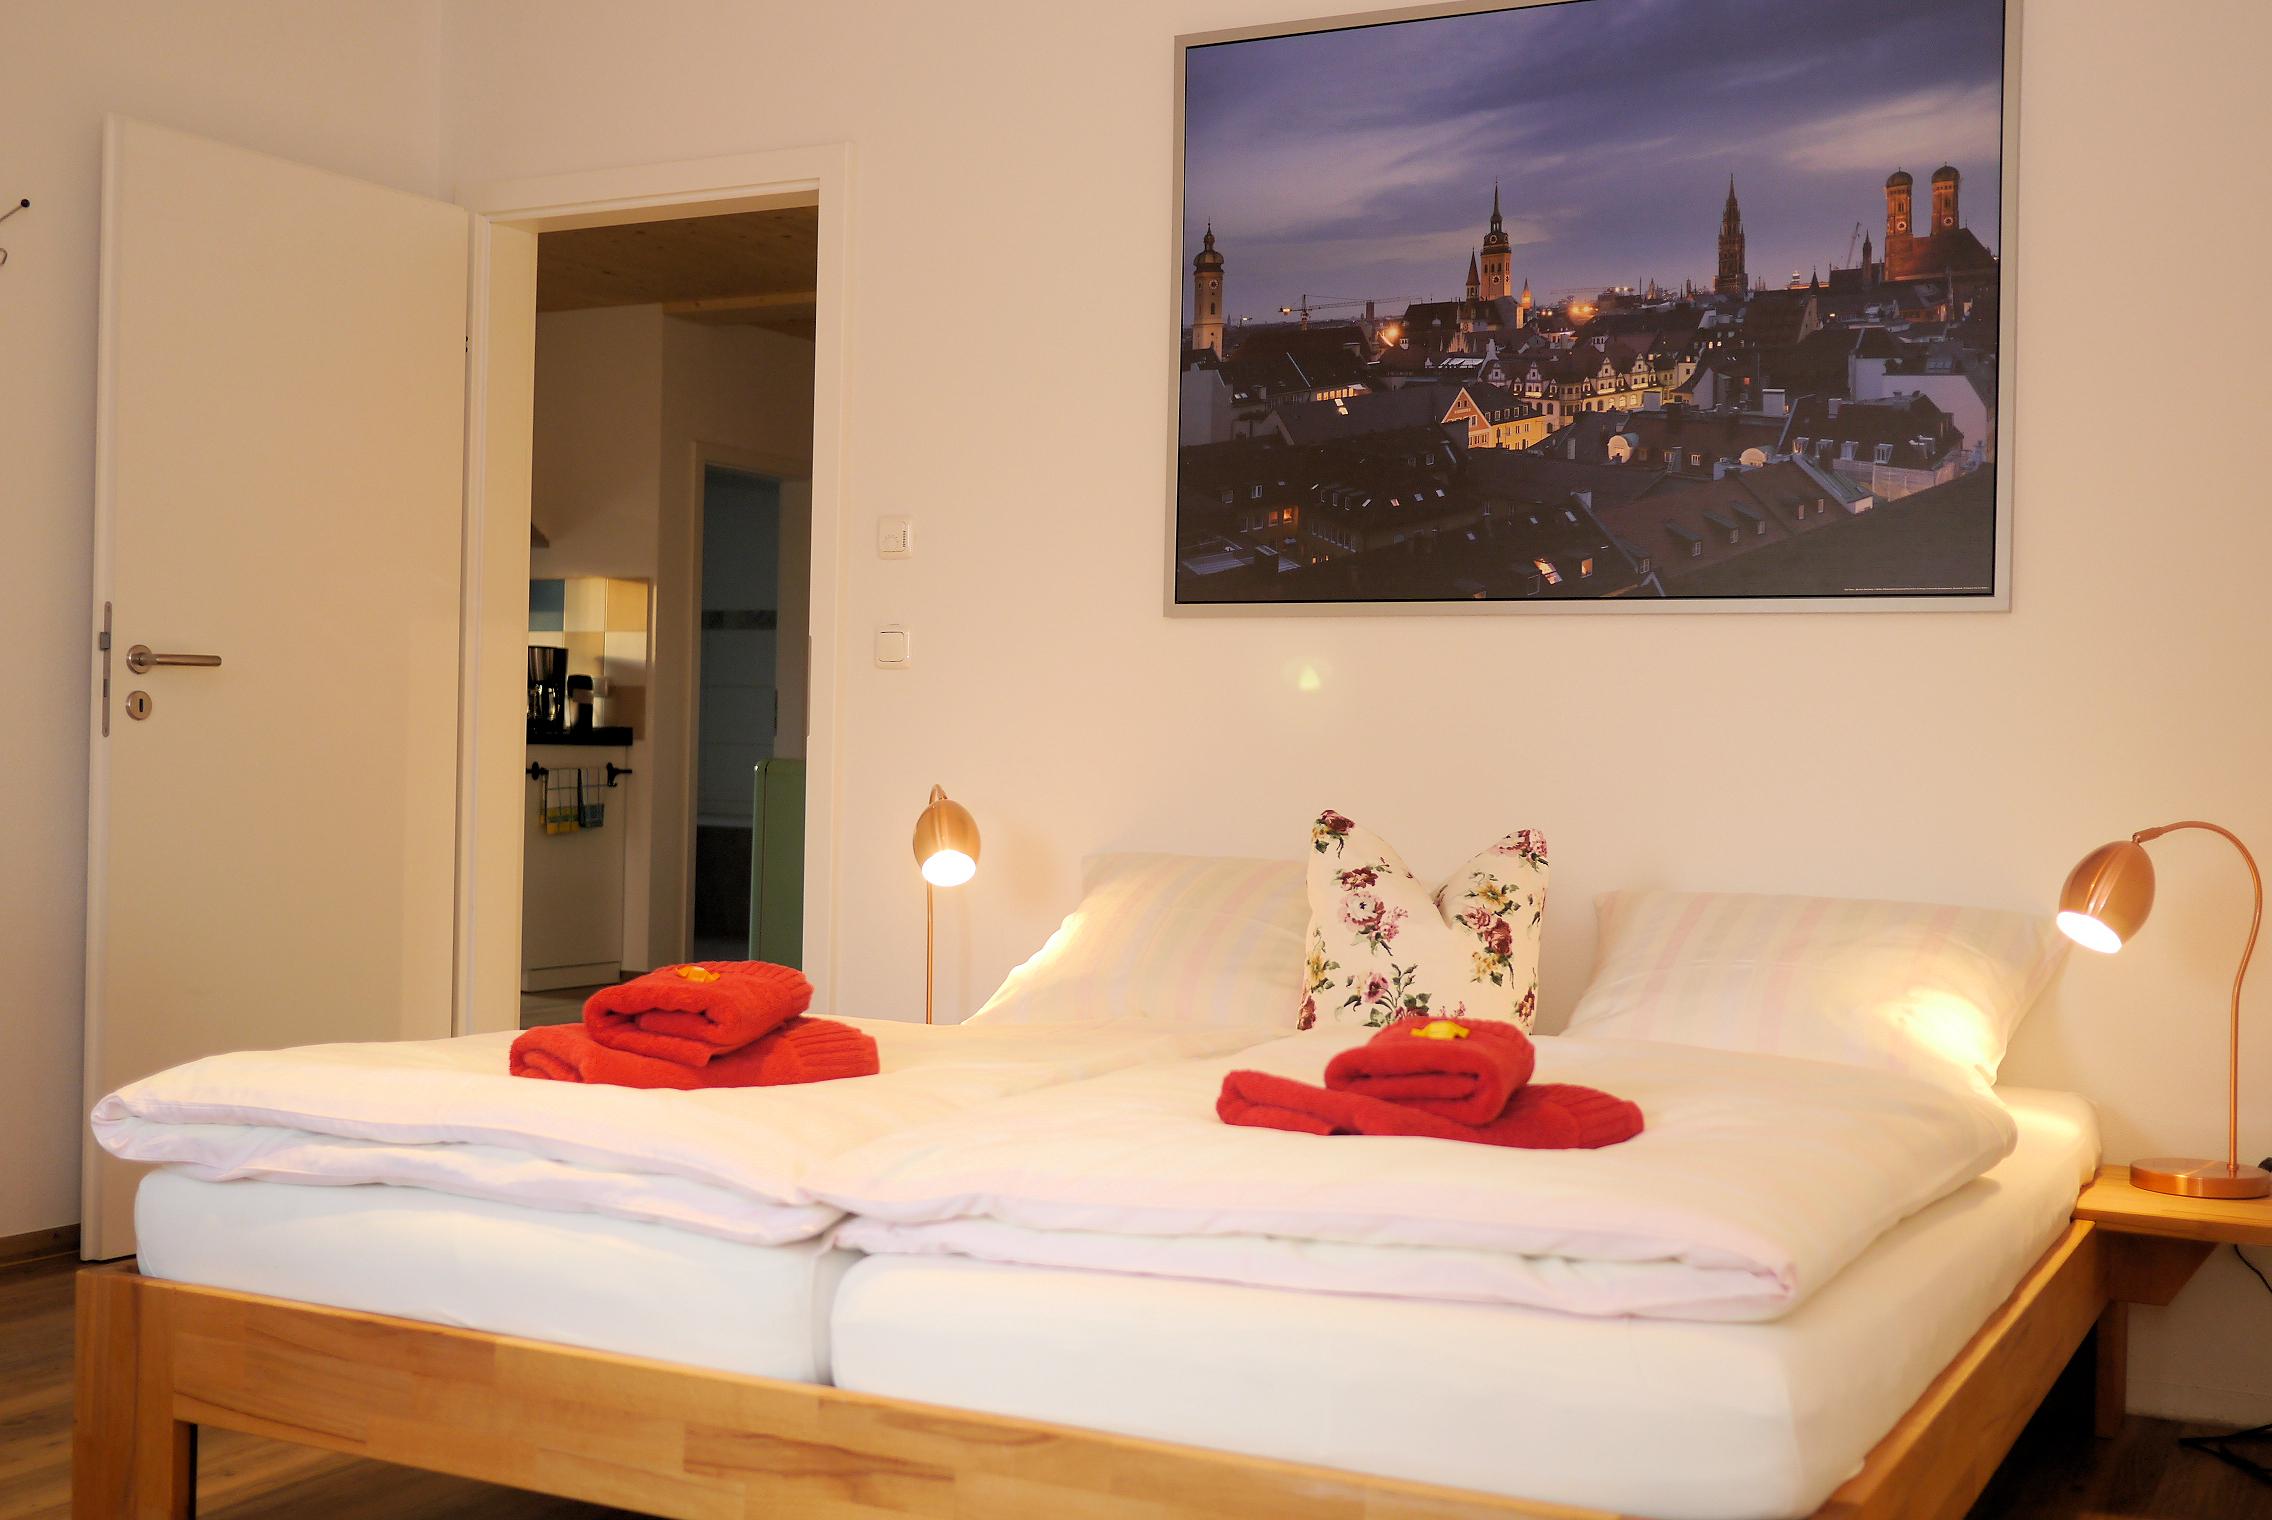 Genießen Sie Ihren Urlaub im geräumigen Schlafzimmer.